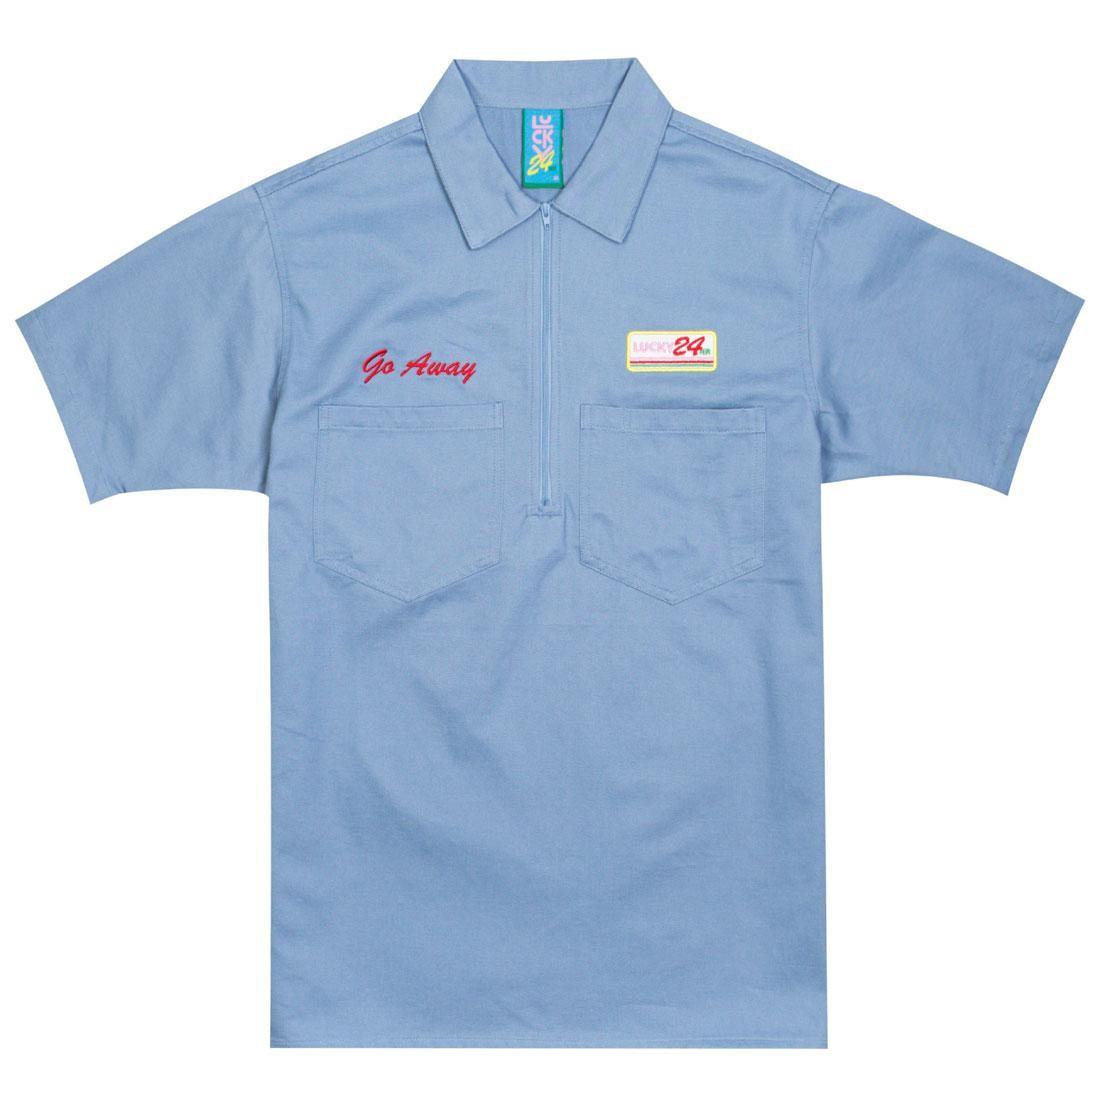 【海外限定】ハーフ カジュアルシャツ メンズファッション 【 LAZY OAF X SAILEY MEN HALF ZIP SHIRT BLUE 】【送料無料】